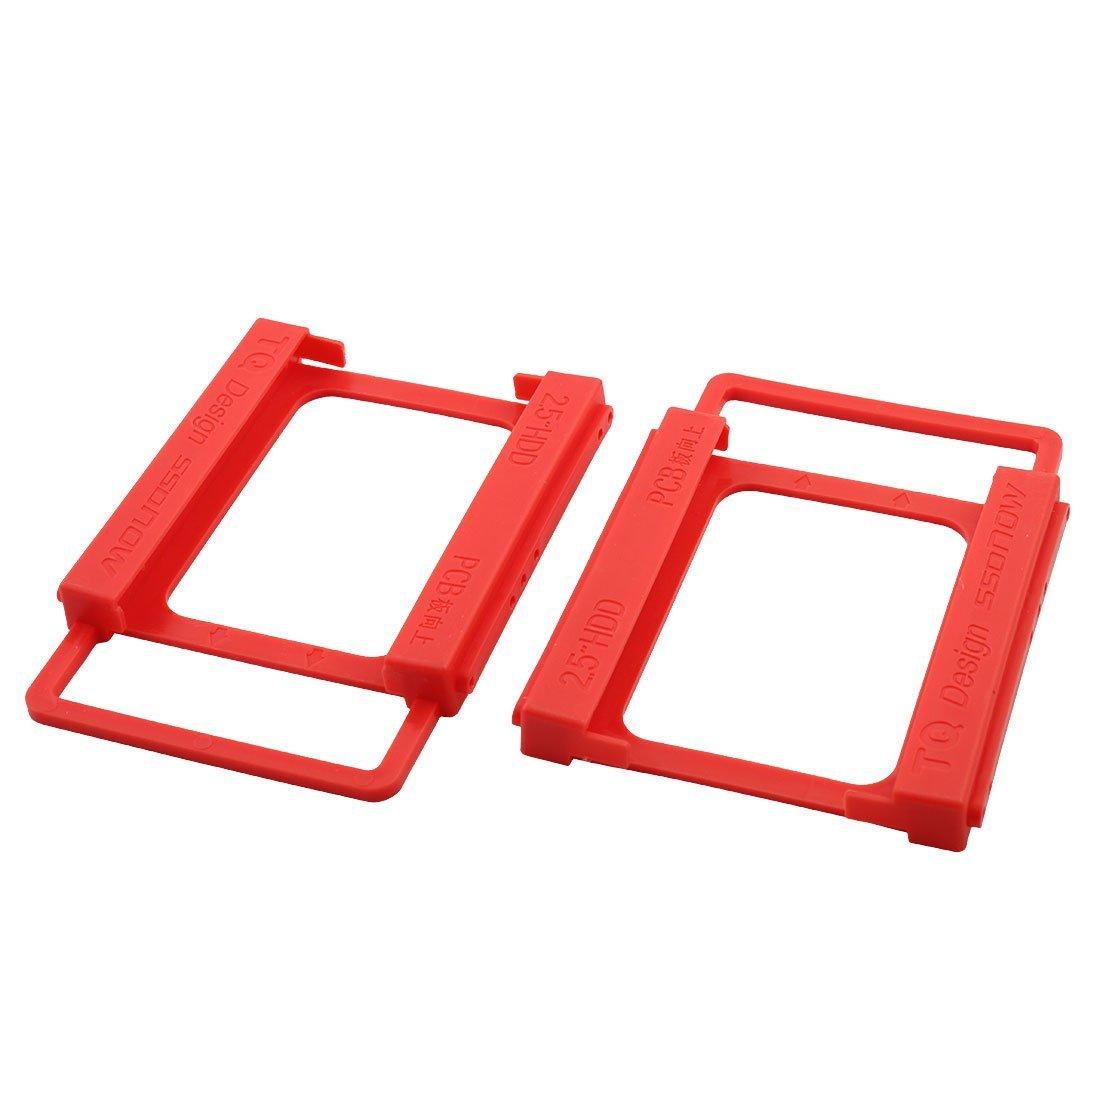 Amazon.com: eDealMax plástico sin tornillos Instalación del ordenador portátil DE 2,5 pulgadas a 3,5 pulgadas Disco Duro SSD adaptador de soporte de Disco ...